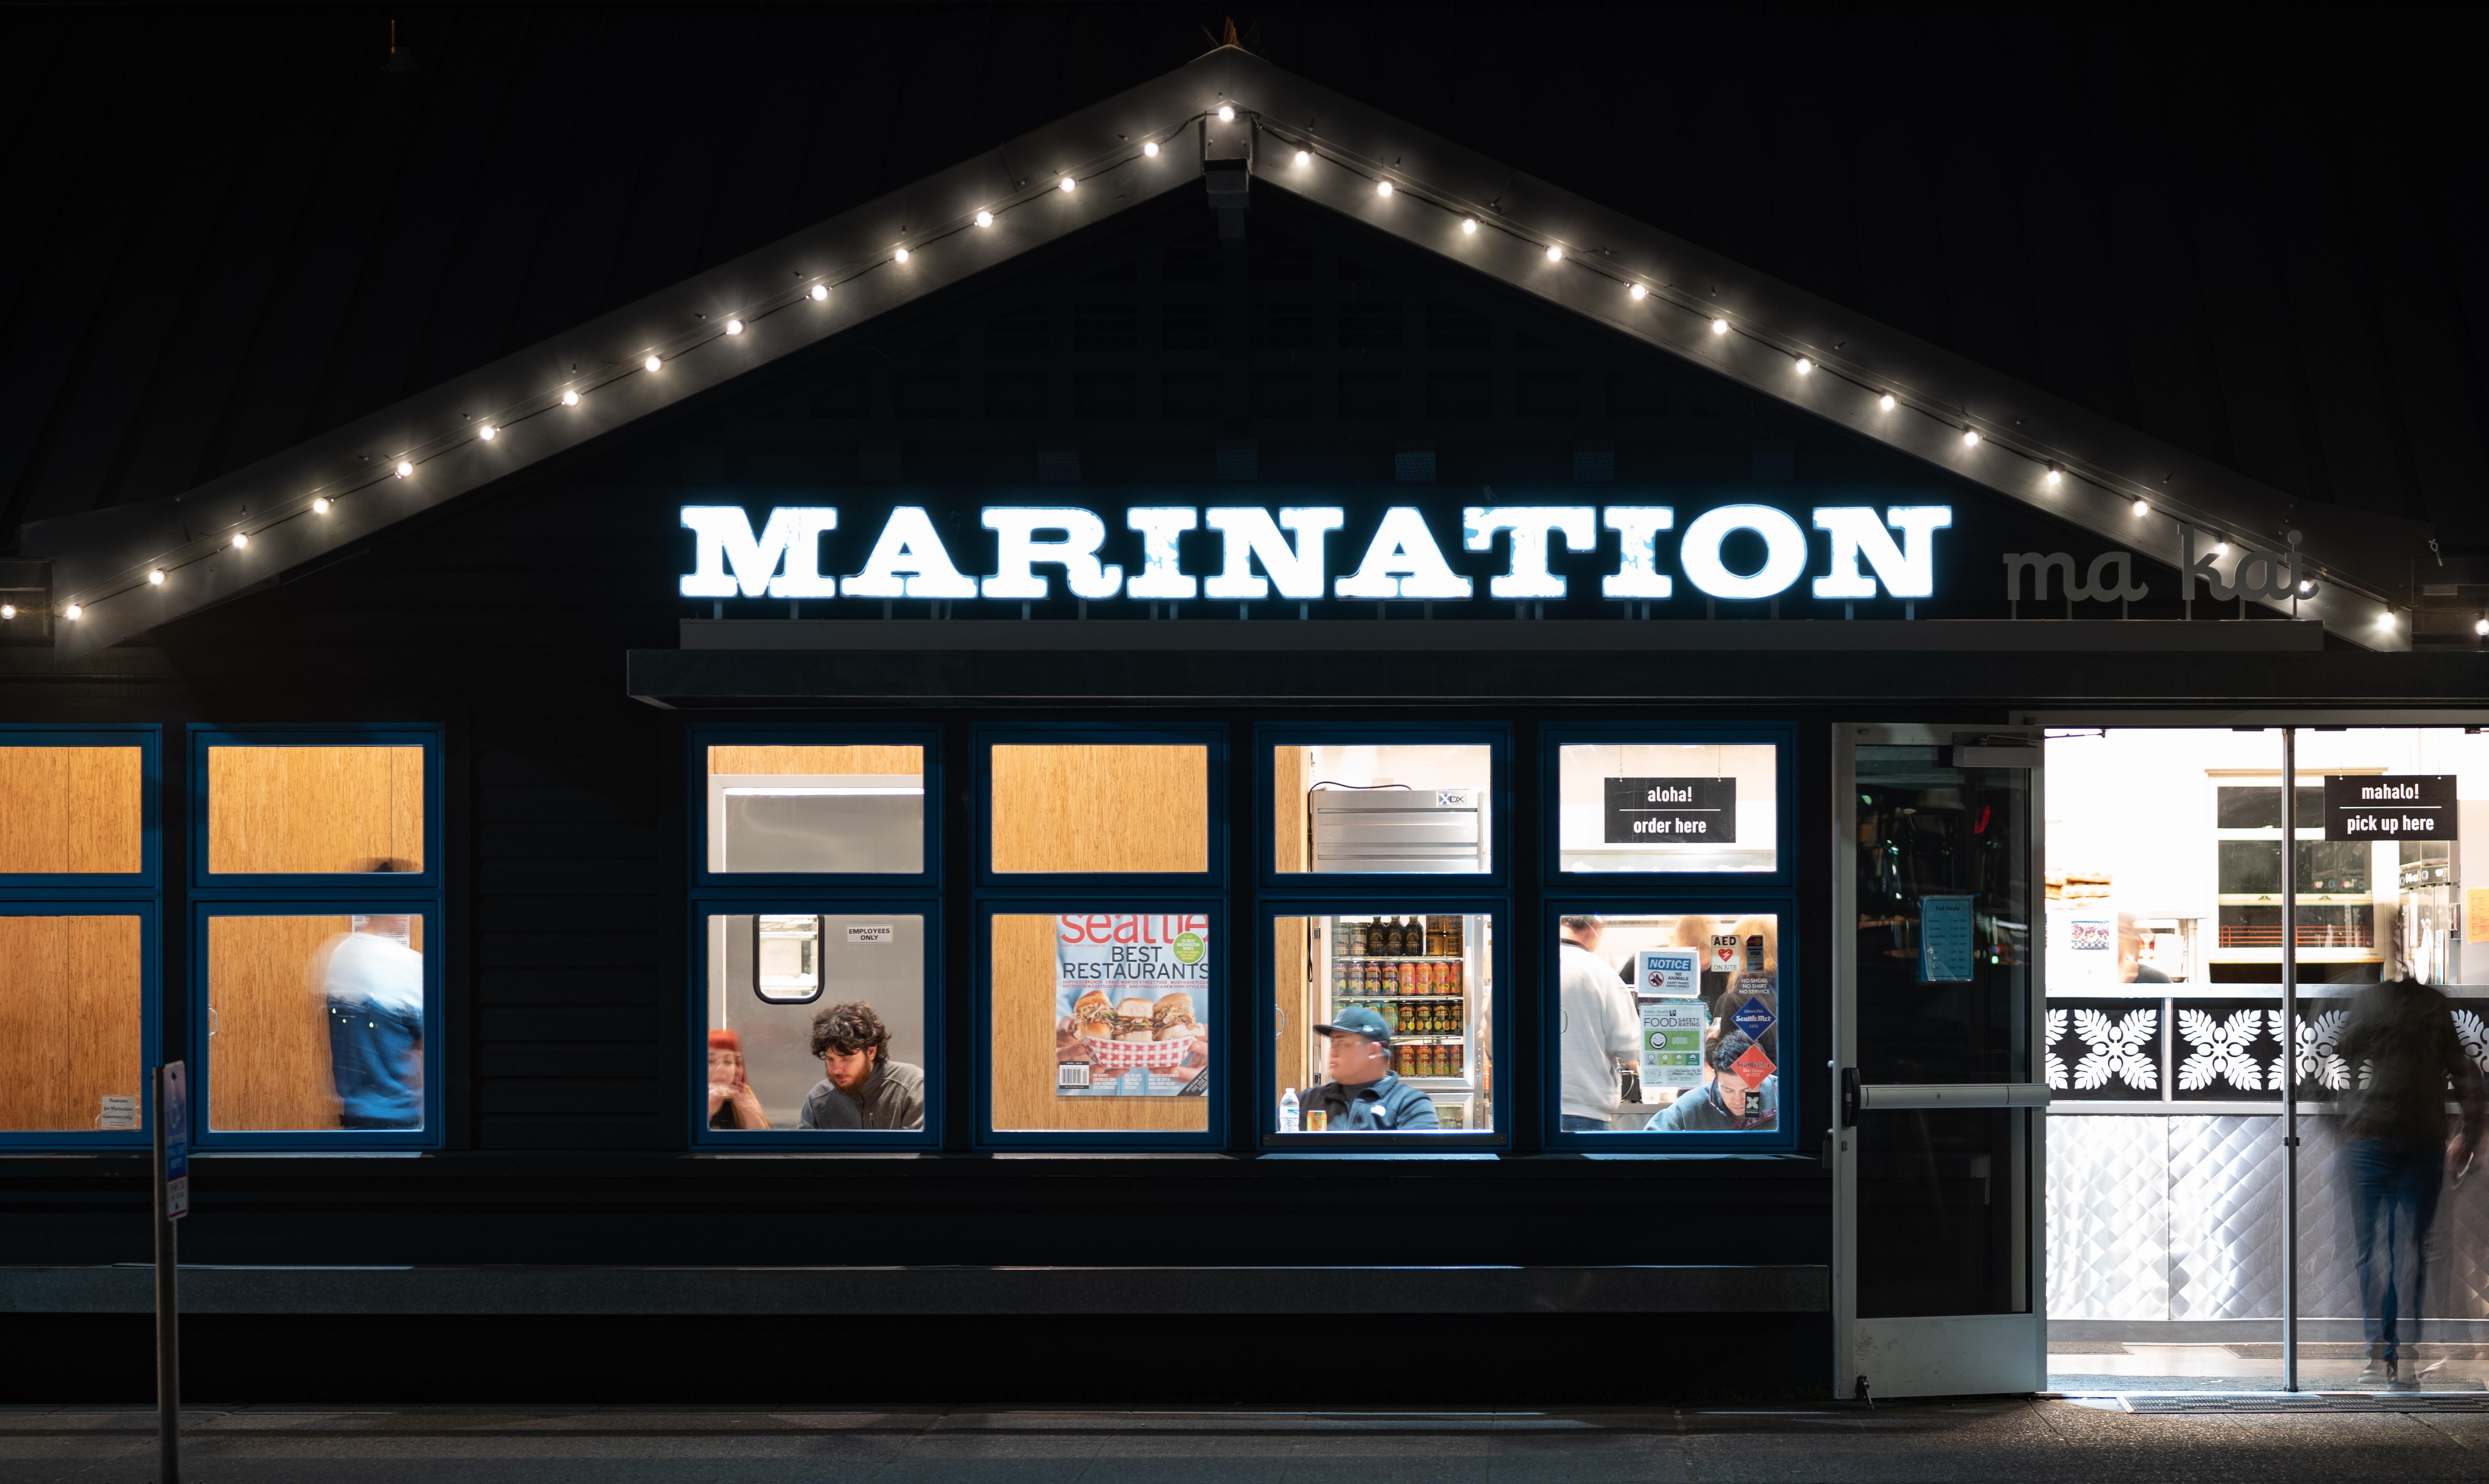 Marination store facade at night